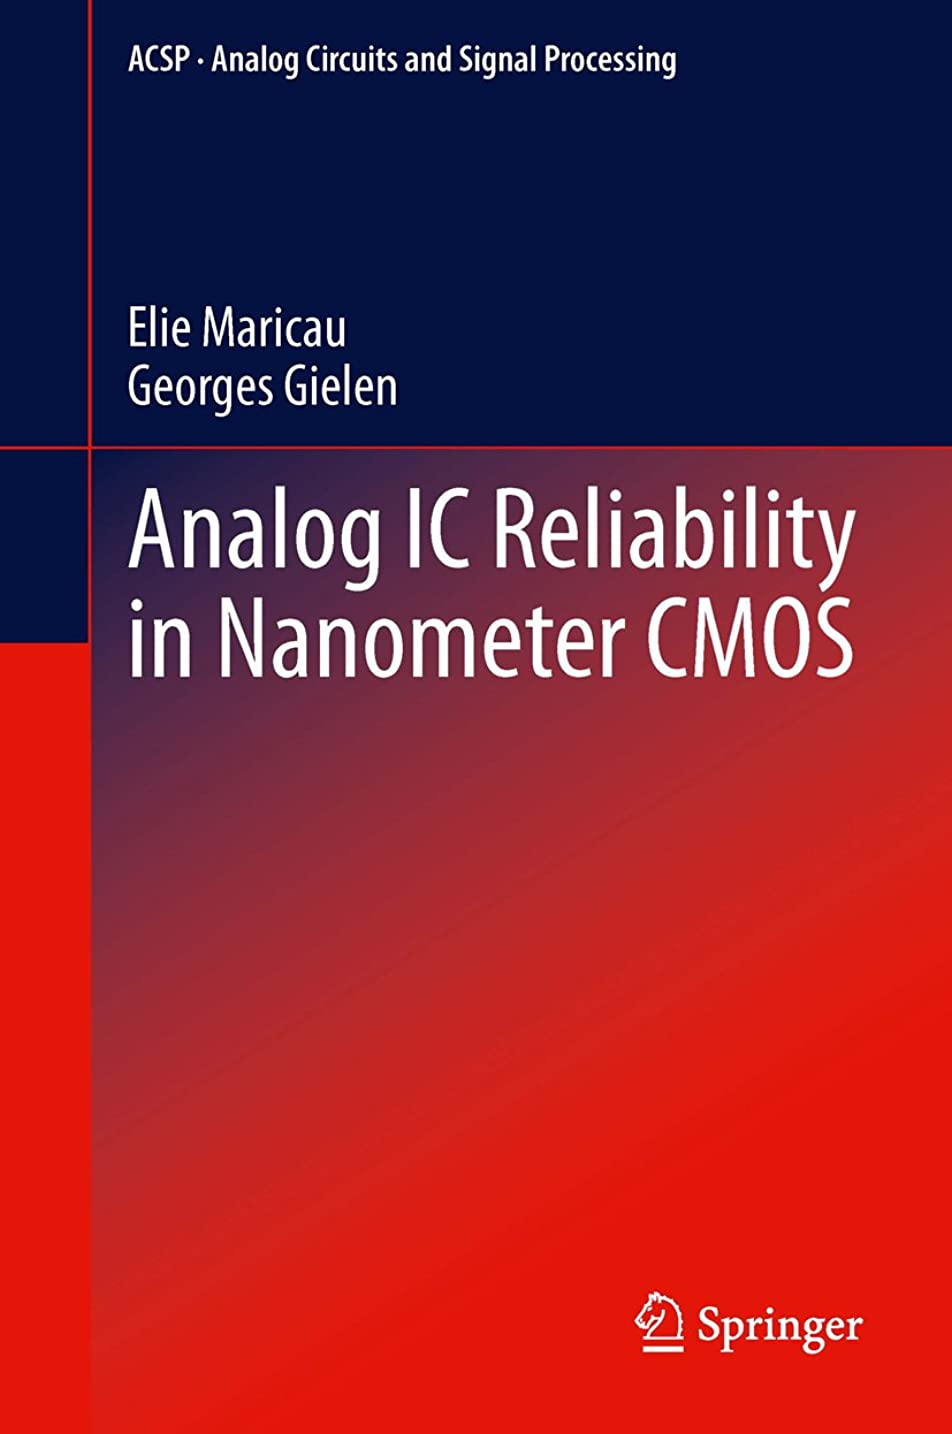 ナンセンス別々に挨拶Analog IC Reliability in Nanometer CMOS (Analog Circuits and Signal Processing) (English Edition)